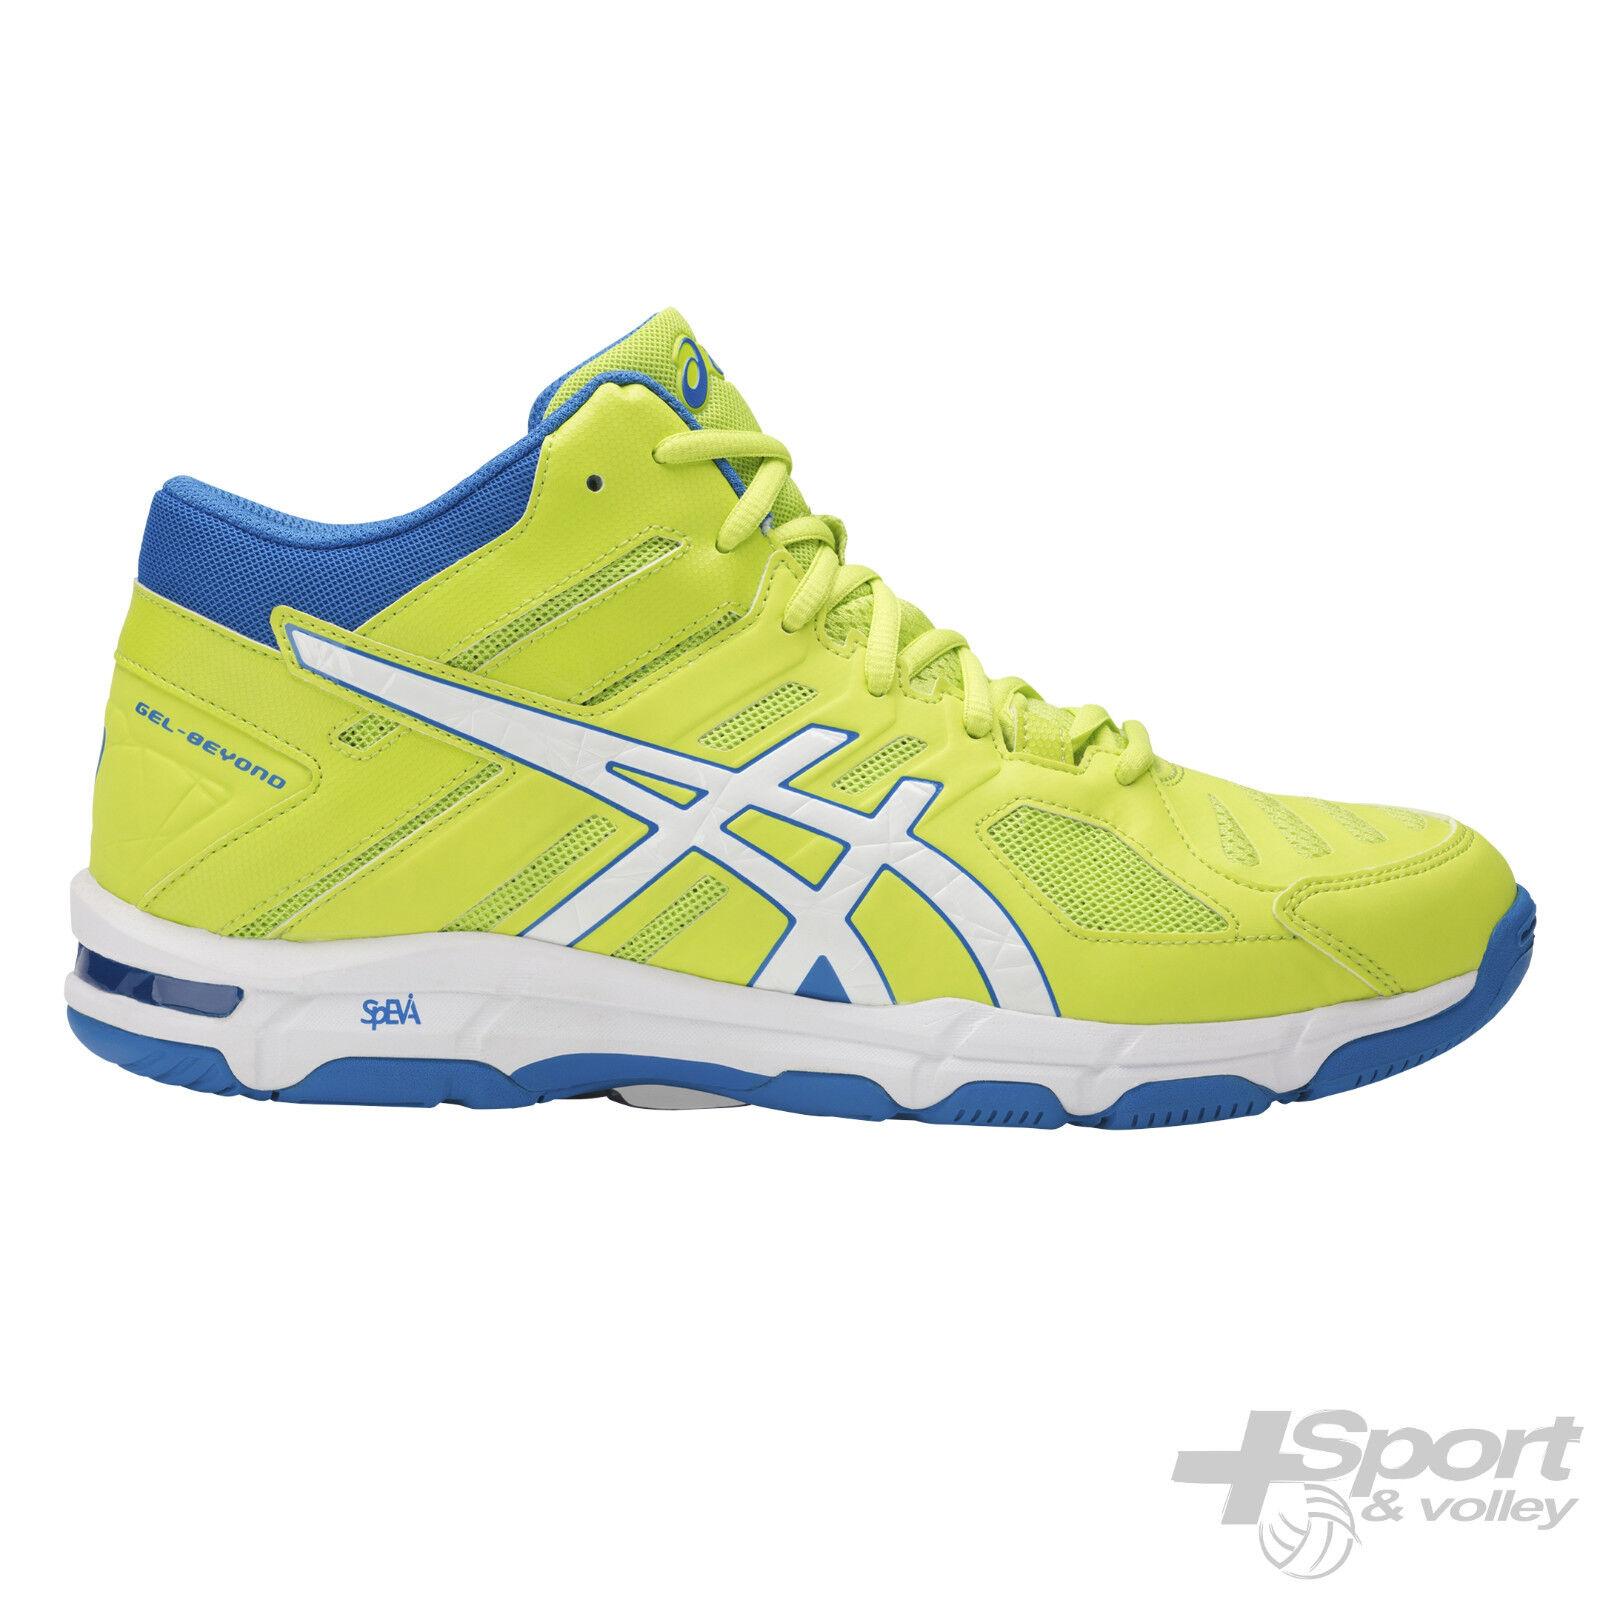 Chaussure voleibol Asics Gel Beyond 5 Medio Hombre B600N 7701